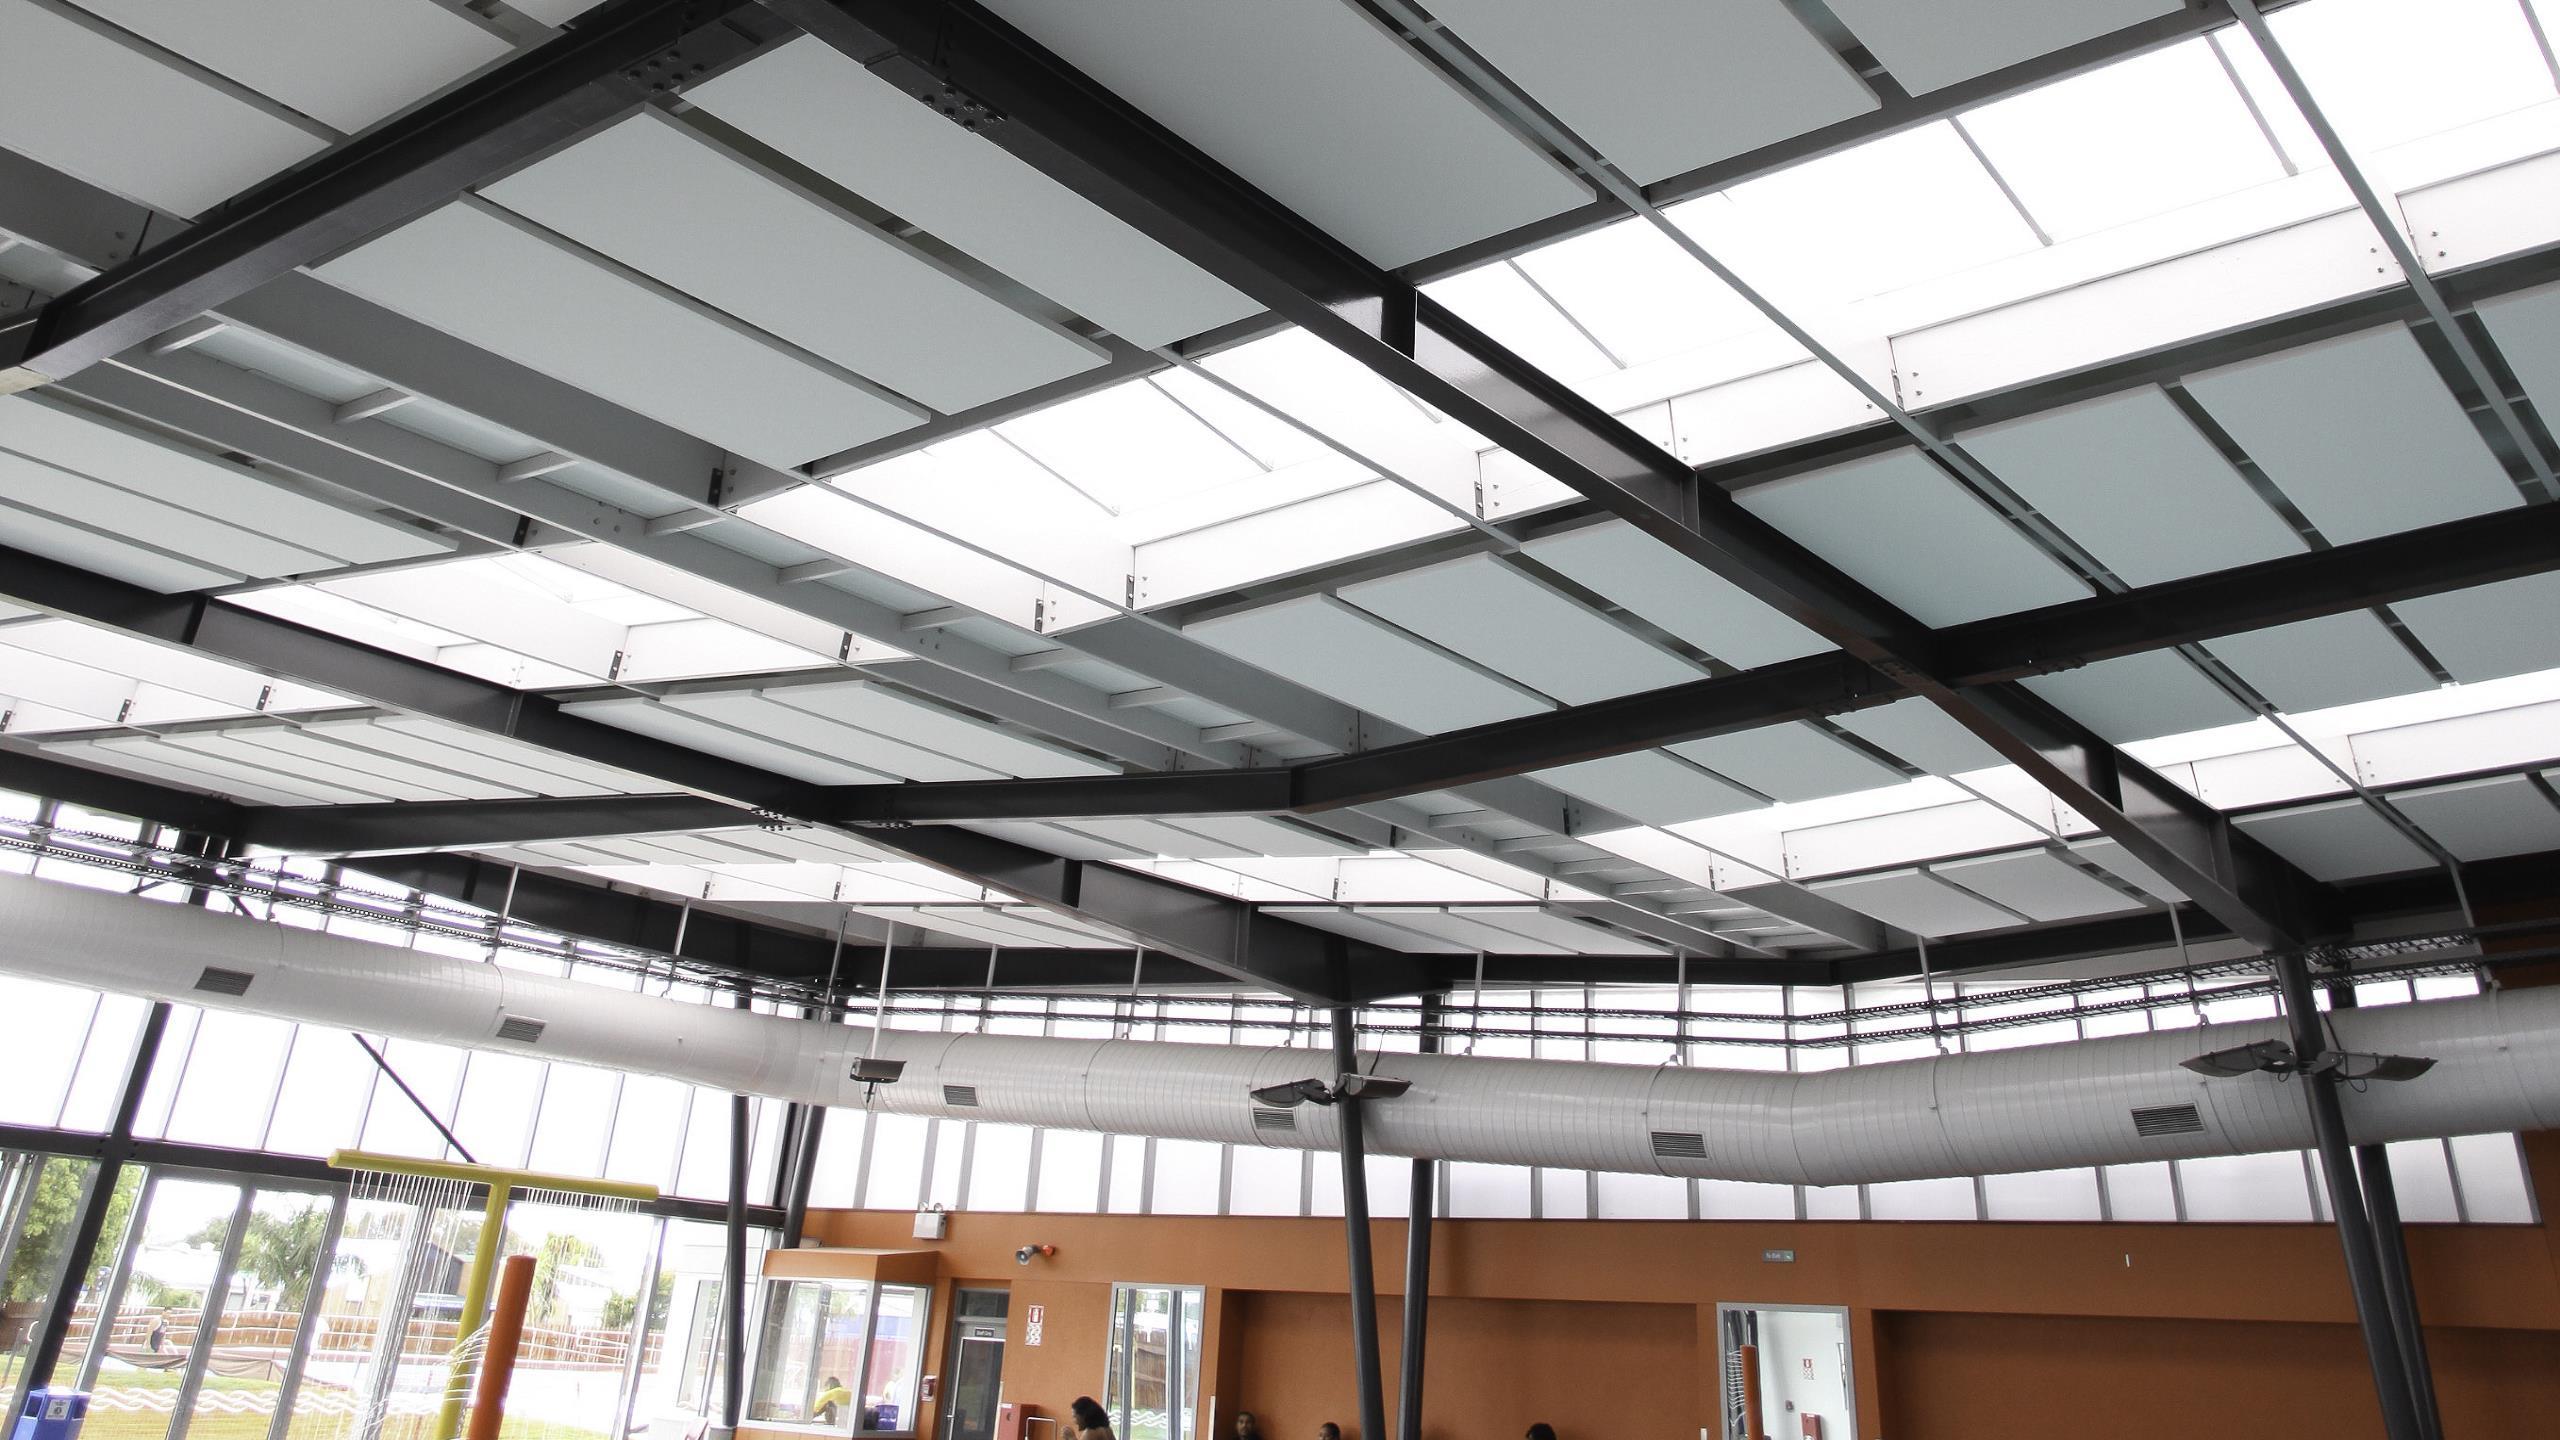 Norman Kirk Memorial Swimming Pool Centre - Triton Cloud Pool Panel